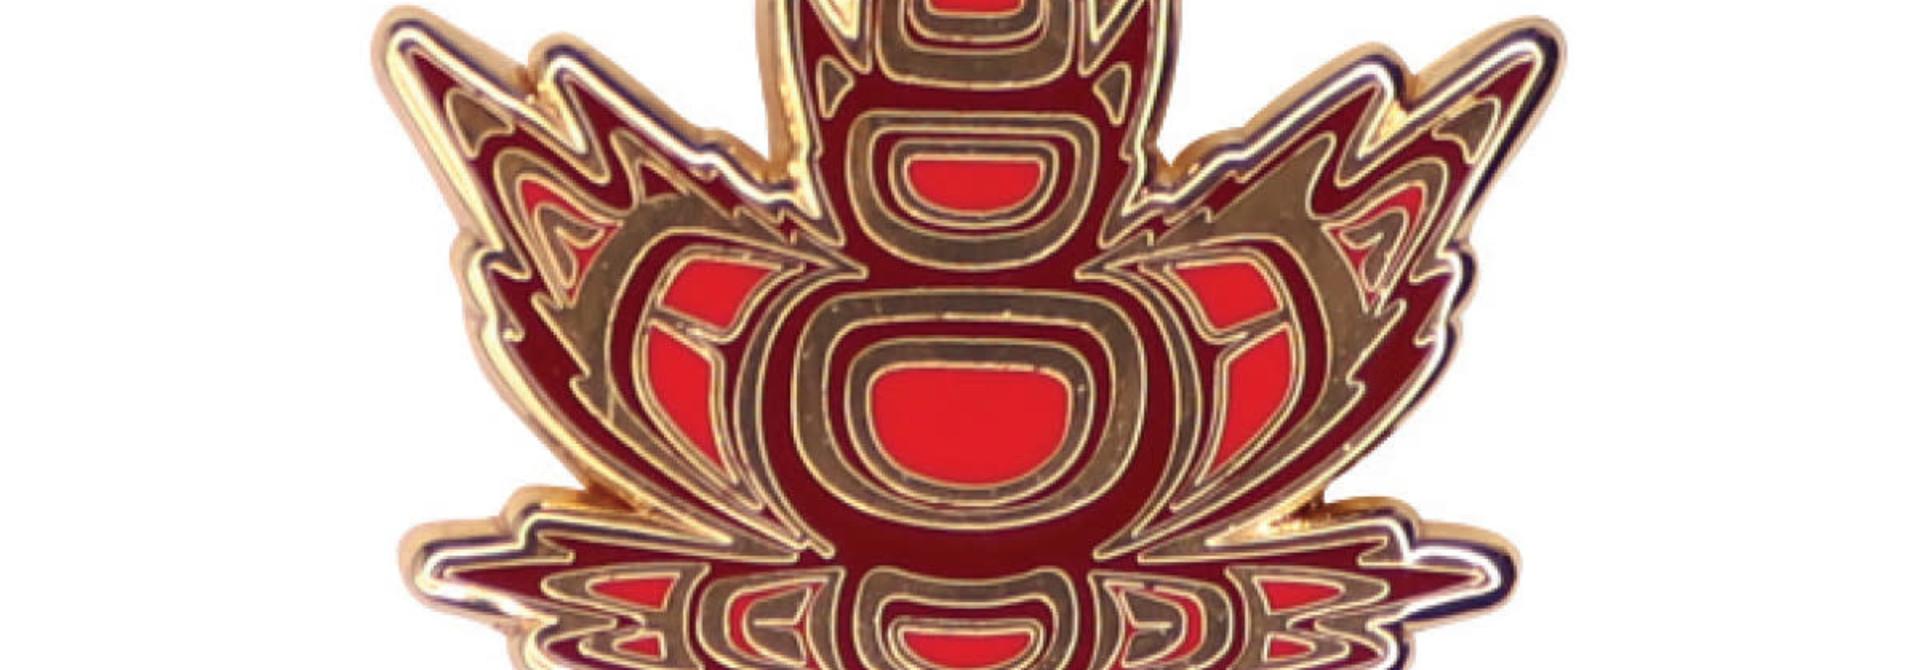 Enamel Pin- Indigenous Maple-Paul Windsor